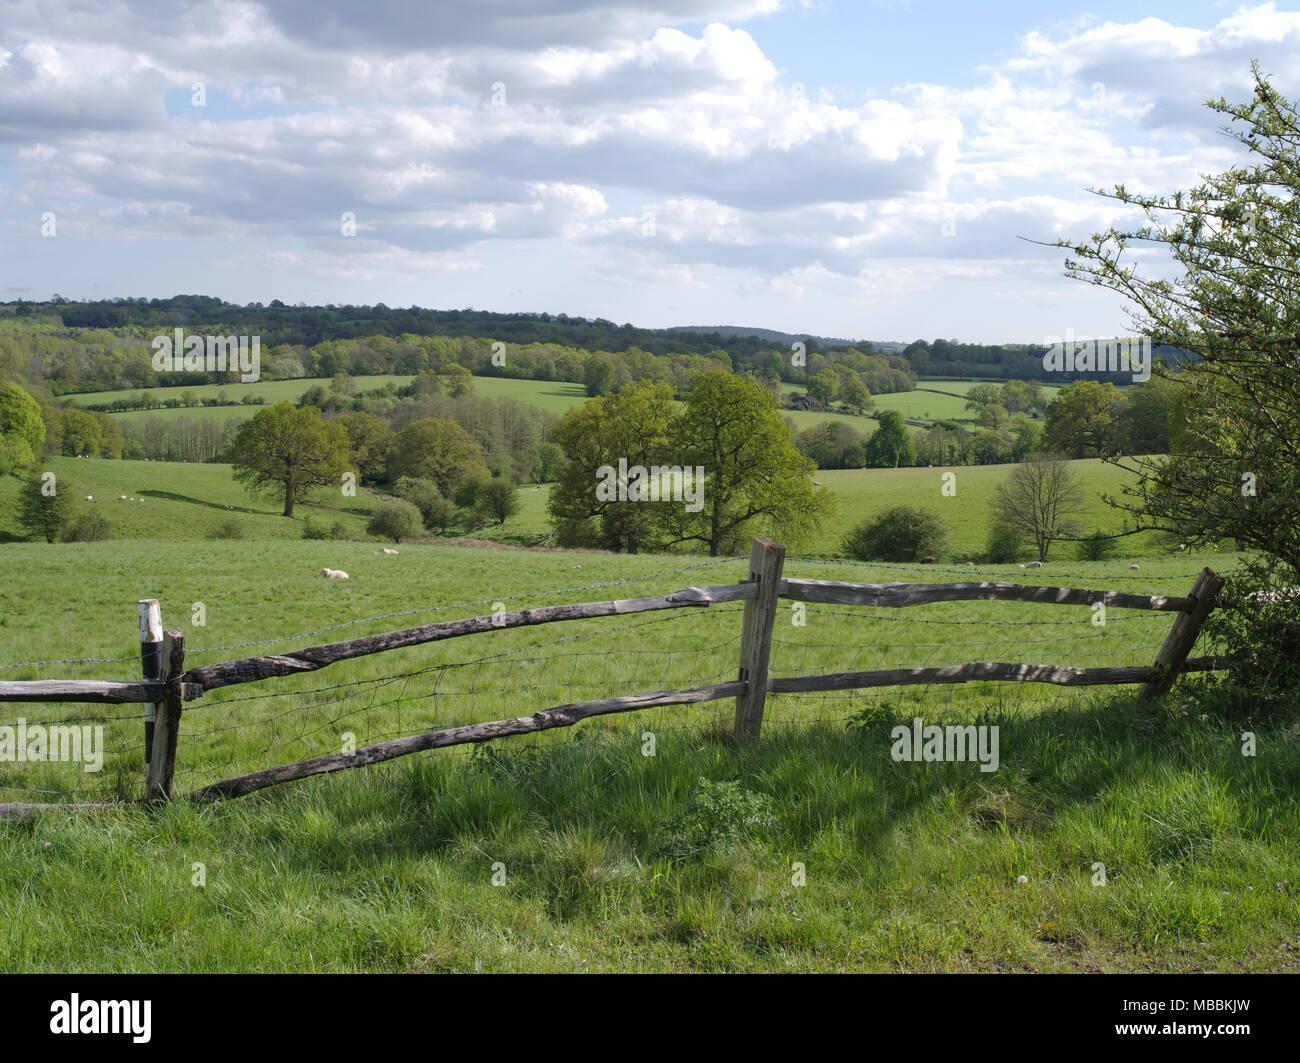 Frühling Landschaft Foto auf die hügelige Landschaft von Sussex außerhalb von Tunbridge Wells im Eridge. Stockbild